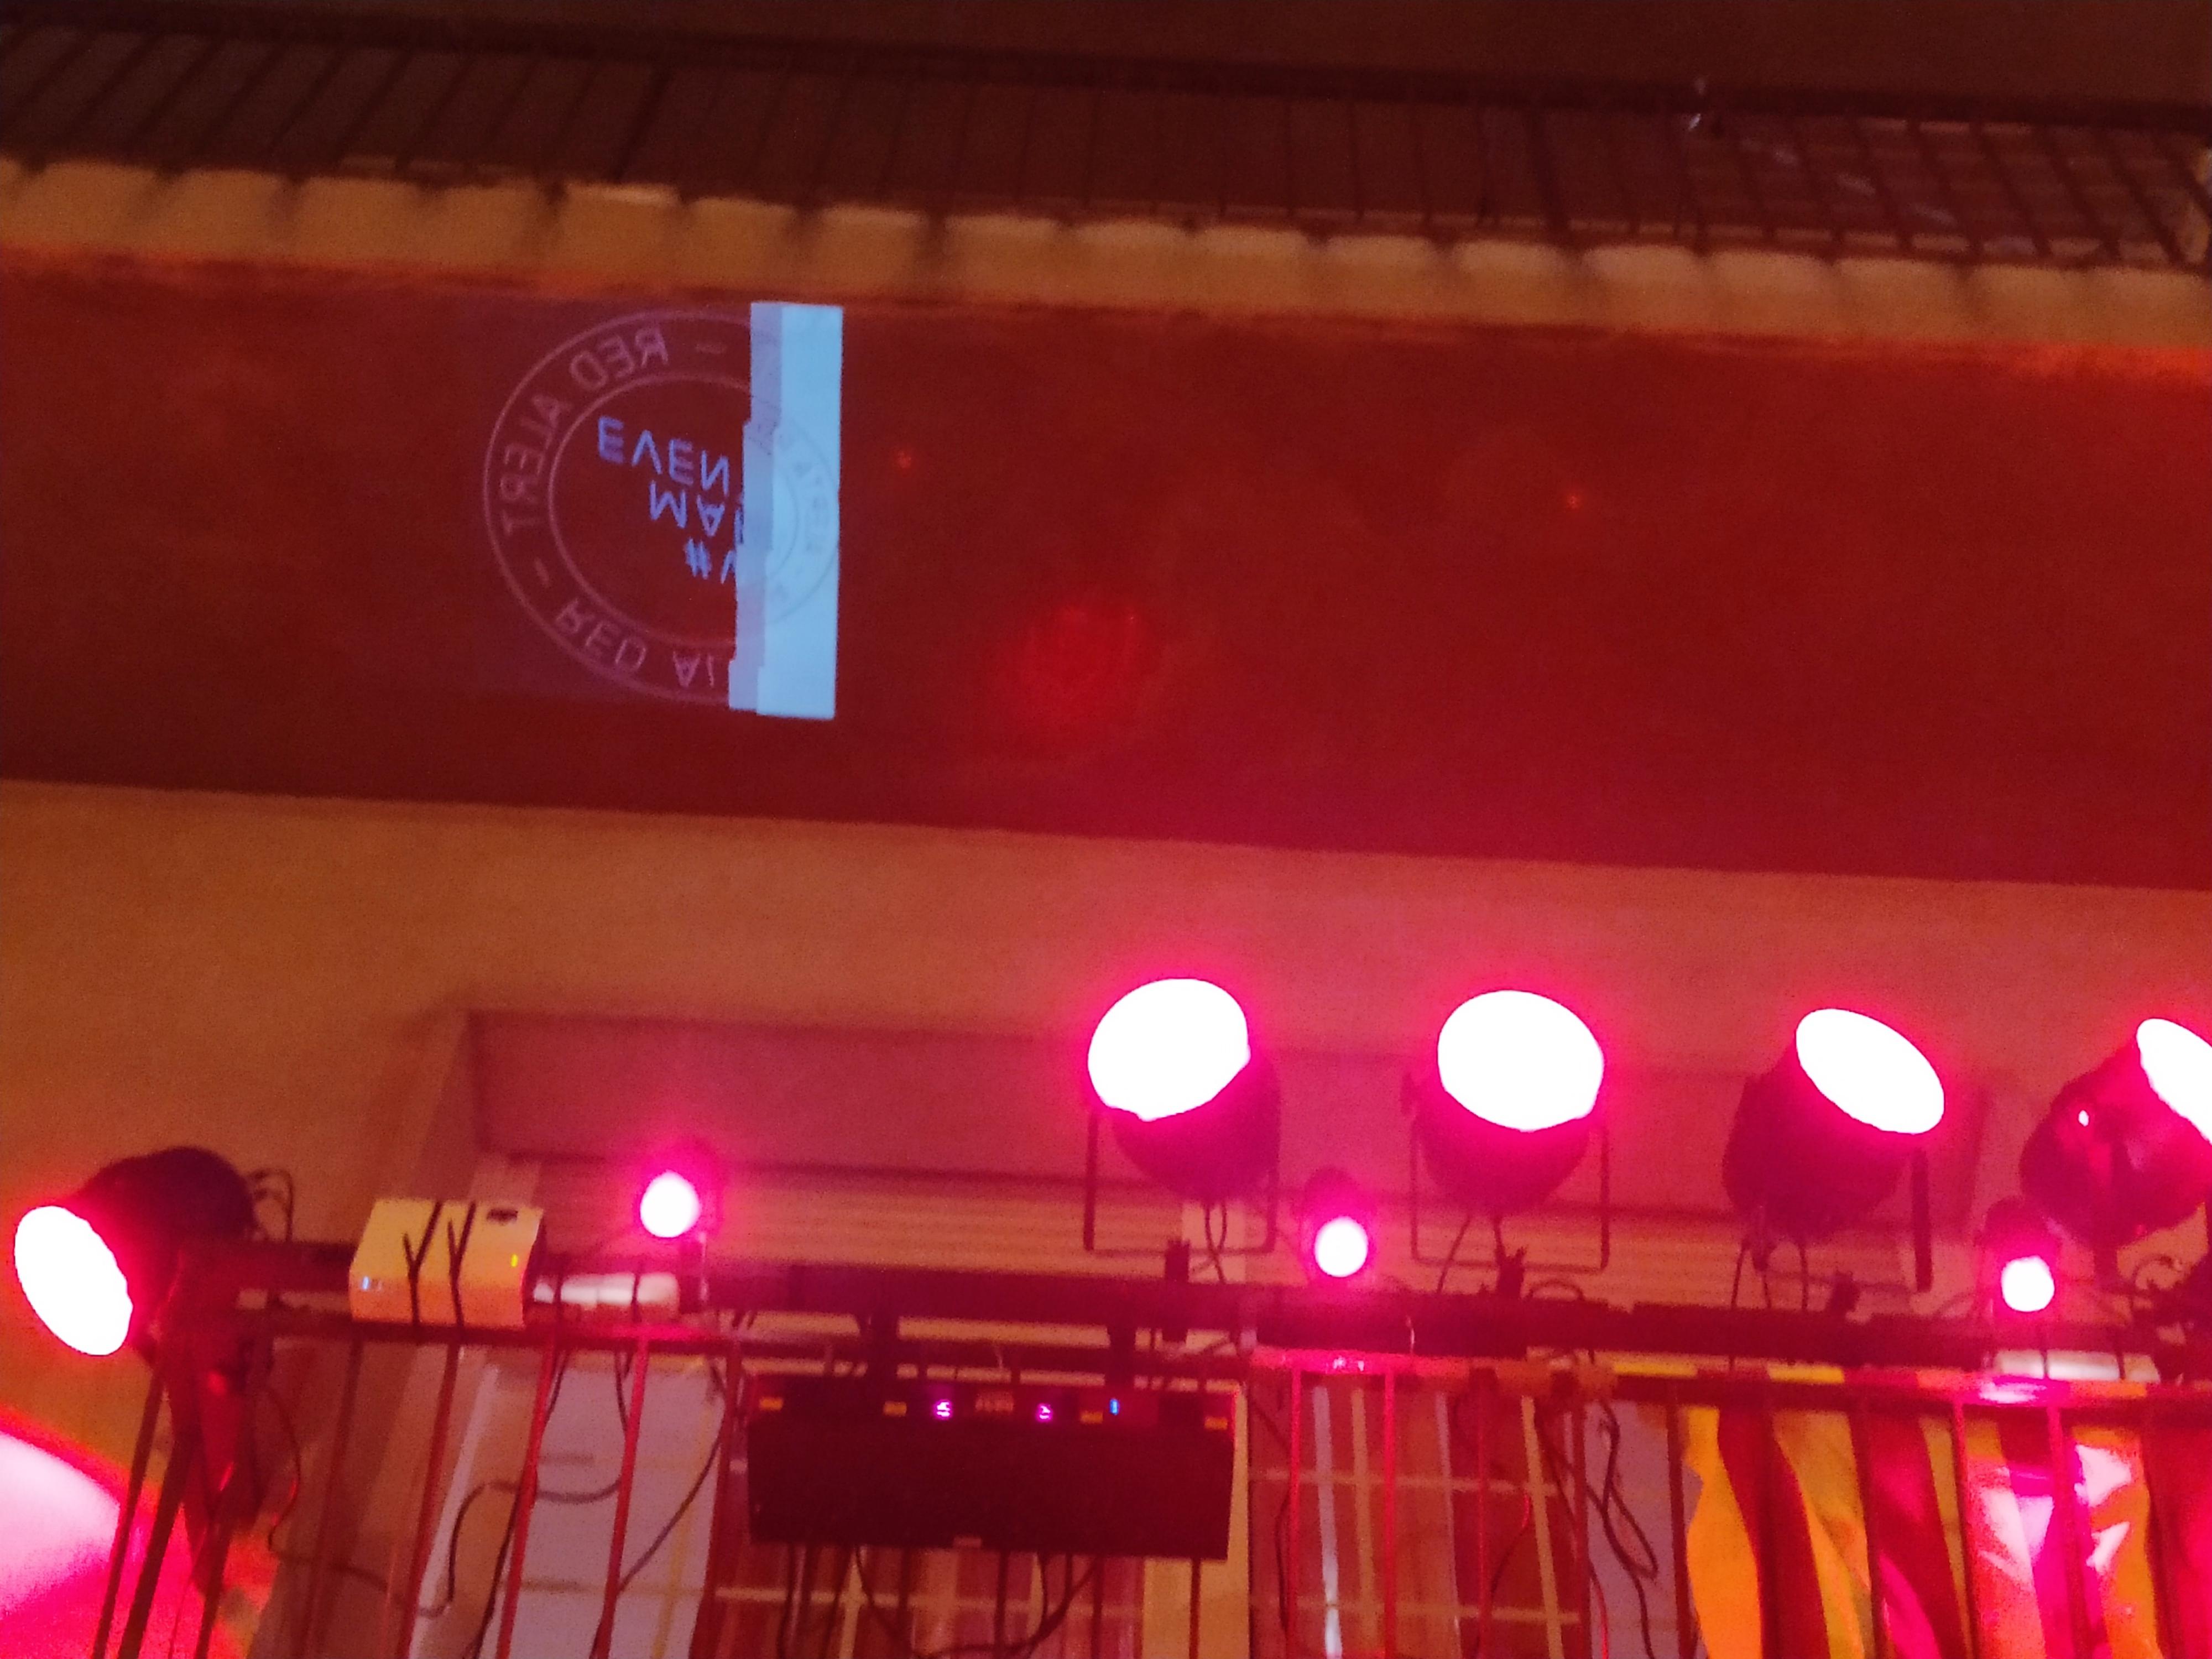 Castellbisbal, Barcelona, 30-S